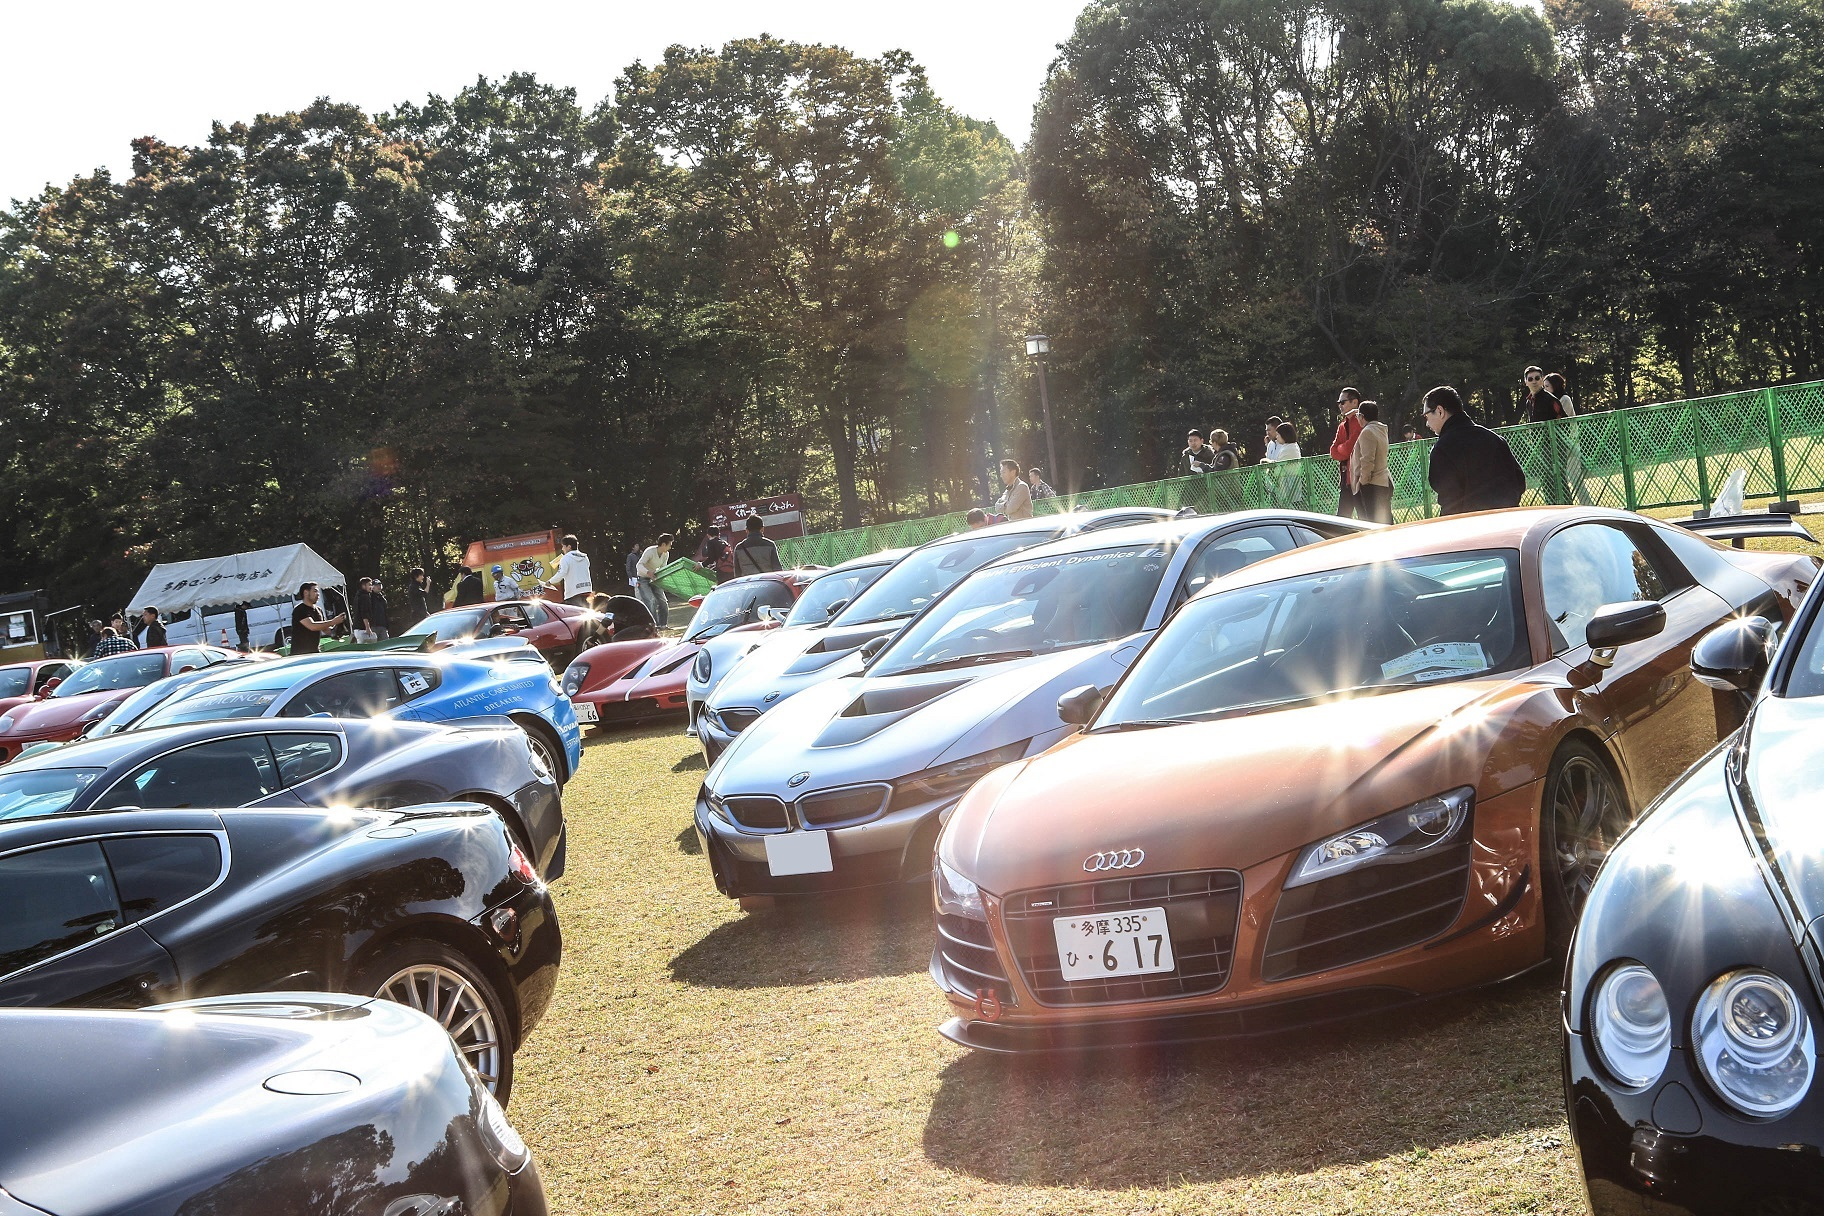 インセル 賃貸ガレージ  ガレージハウス 賃貸 Audi  Audi練馬  Audi新宿